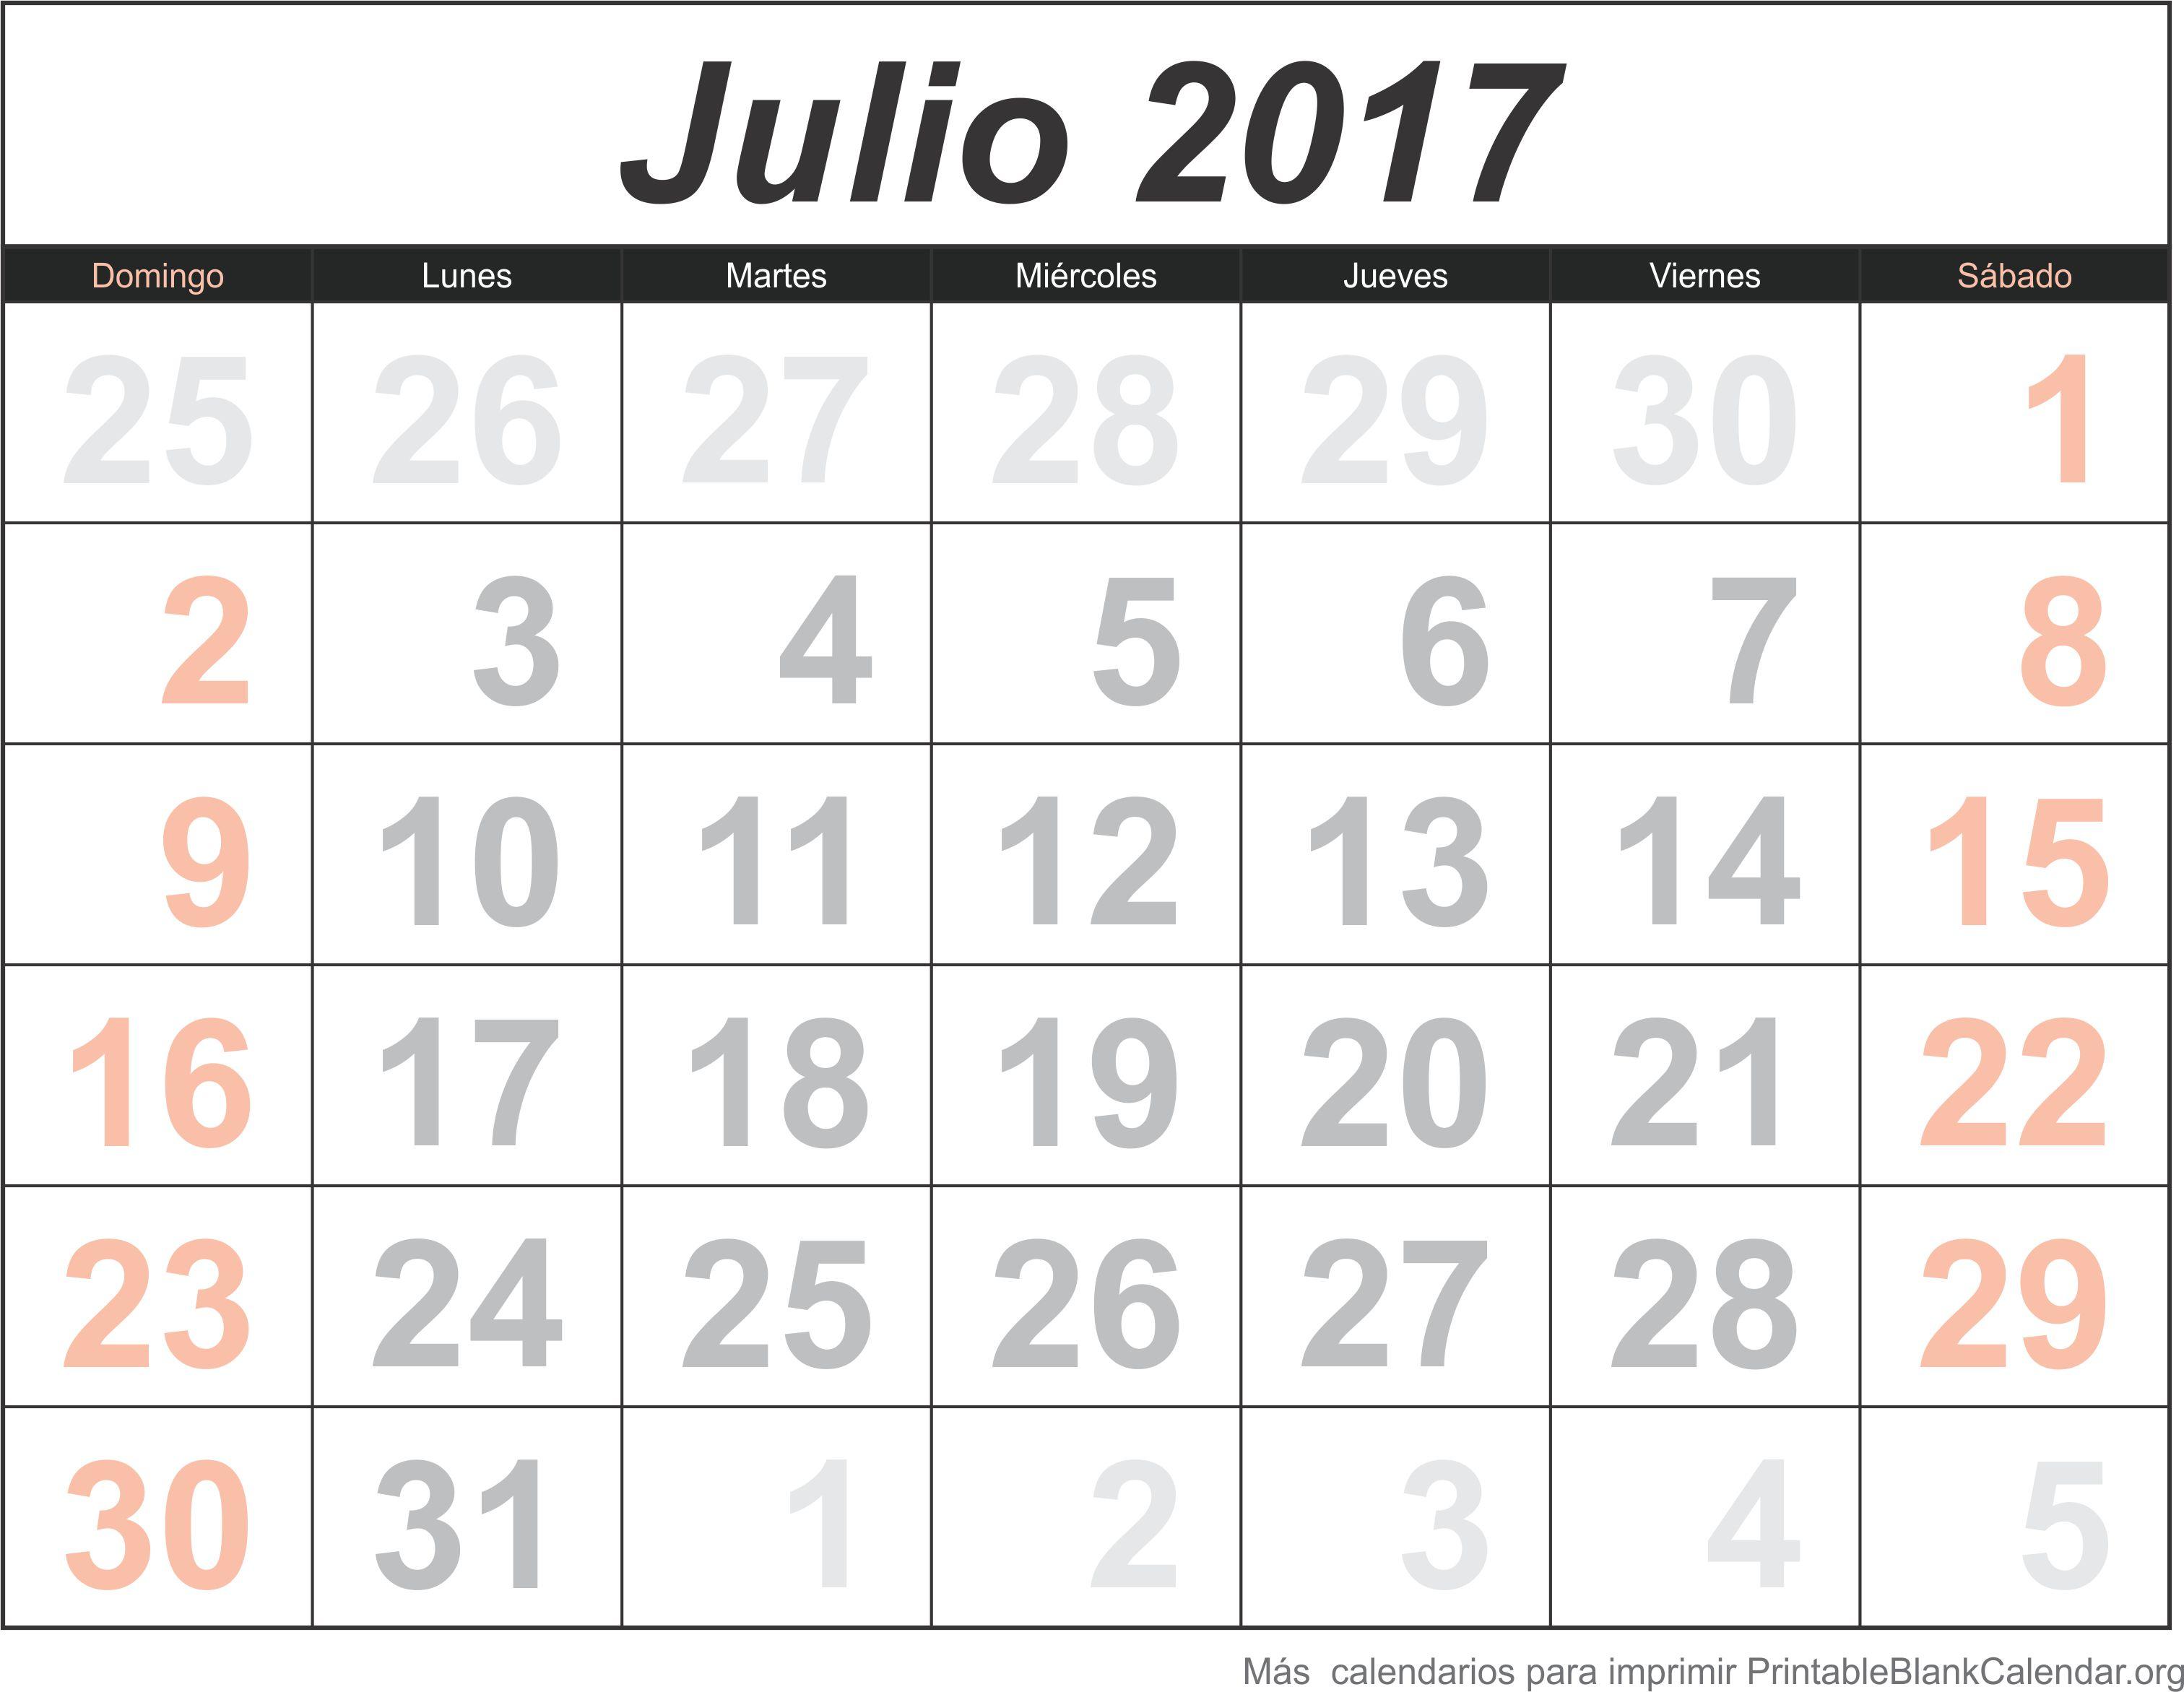 julio 2017 calendario